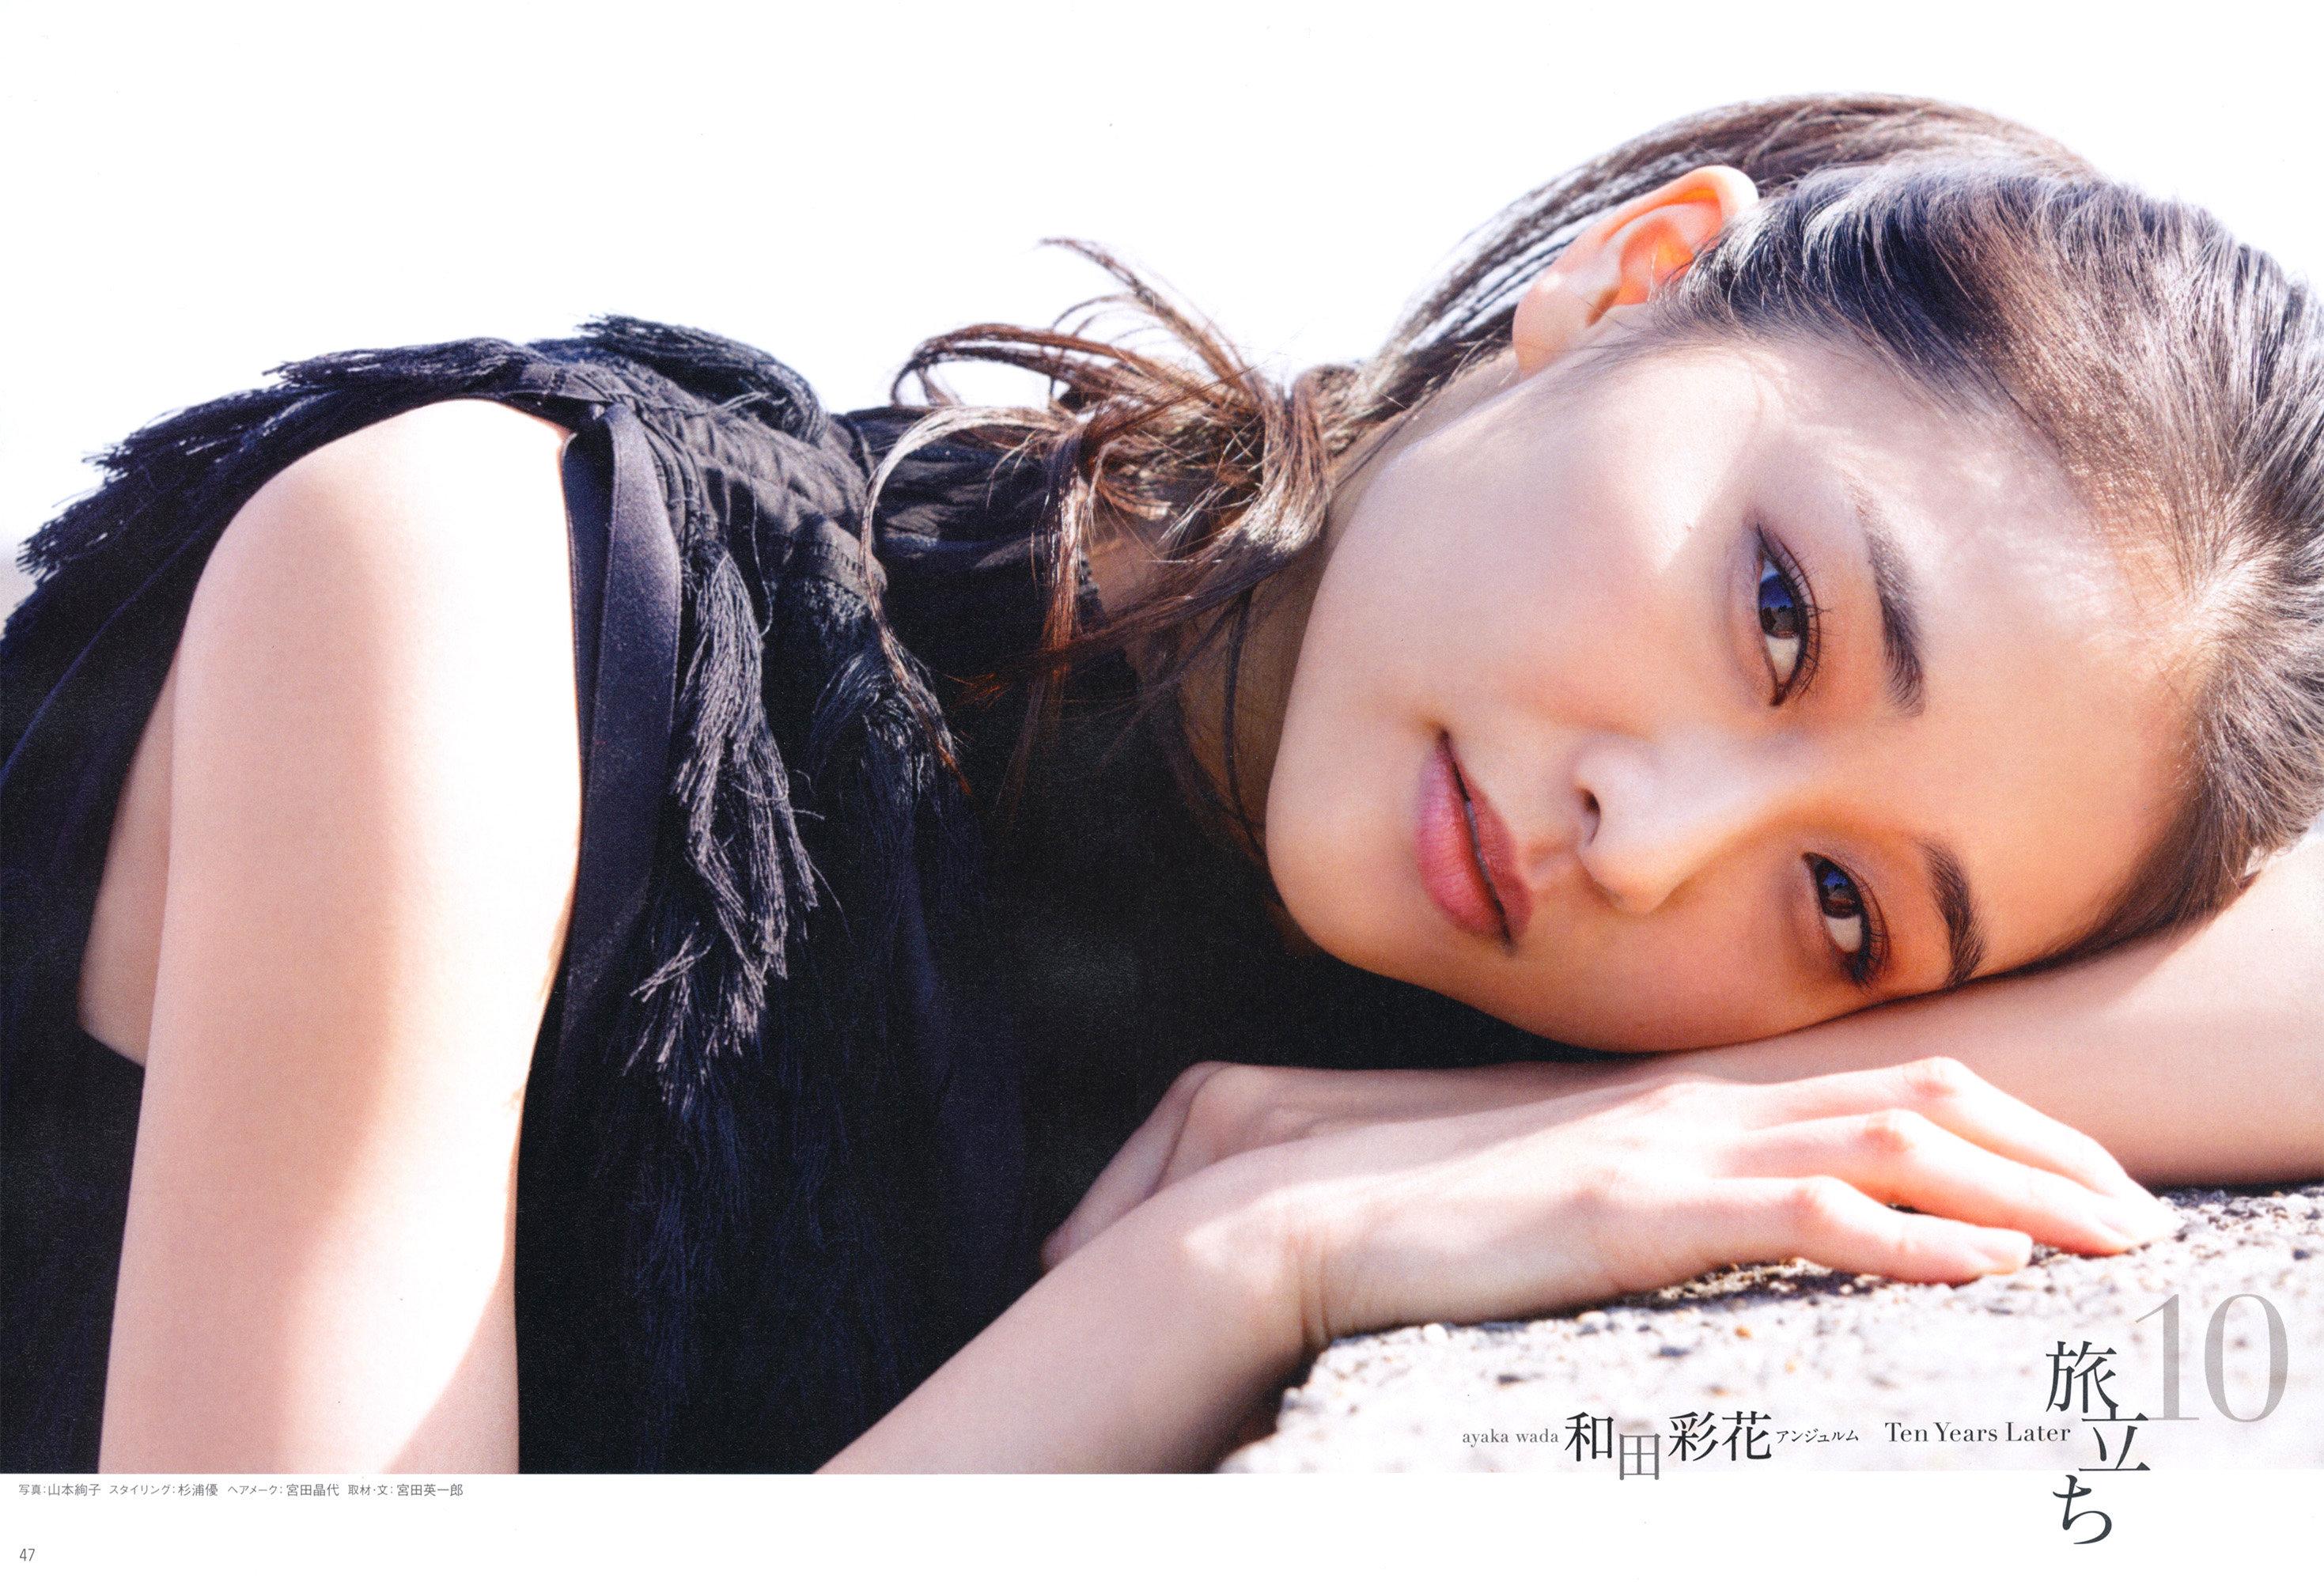 和田彩花さんがガチでヤバい人だった件www www www www www